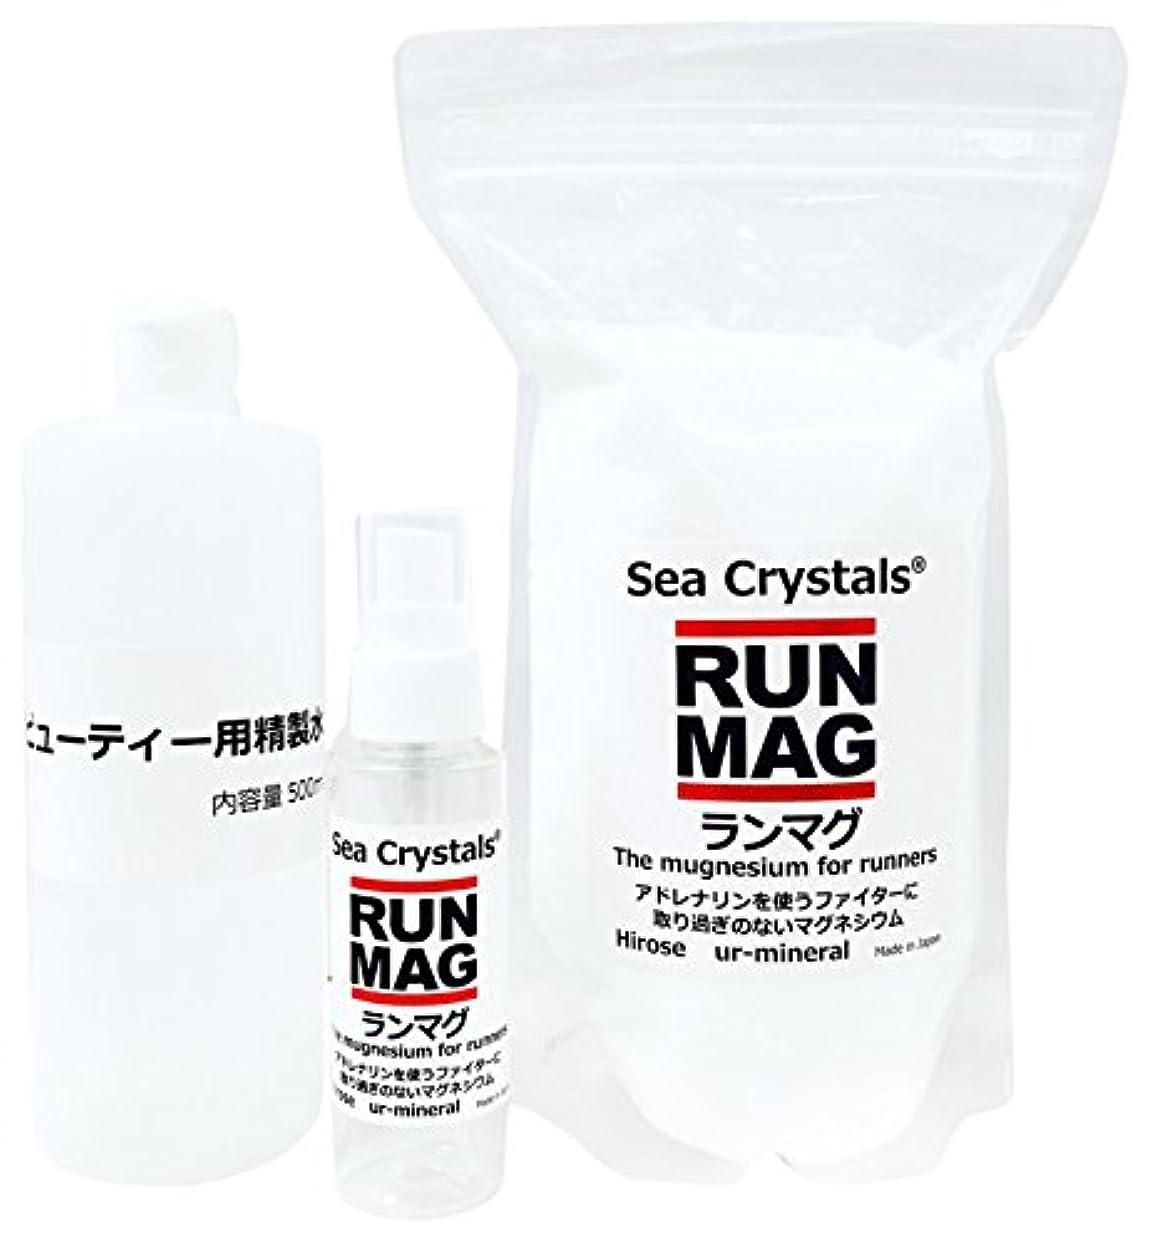 ボウリング必要性またはどちらかランマグ?マグネシウムオイル 500g 化粧品登録 日本製 1日マグネシウム360mg使用  精製水付き